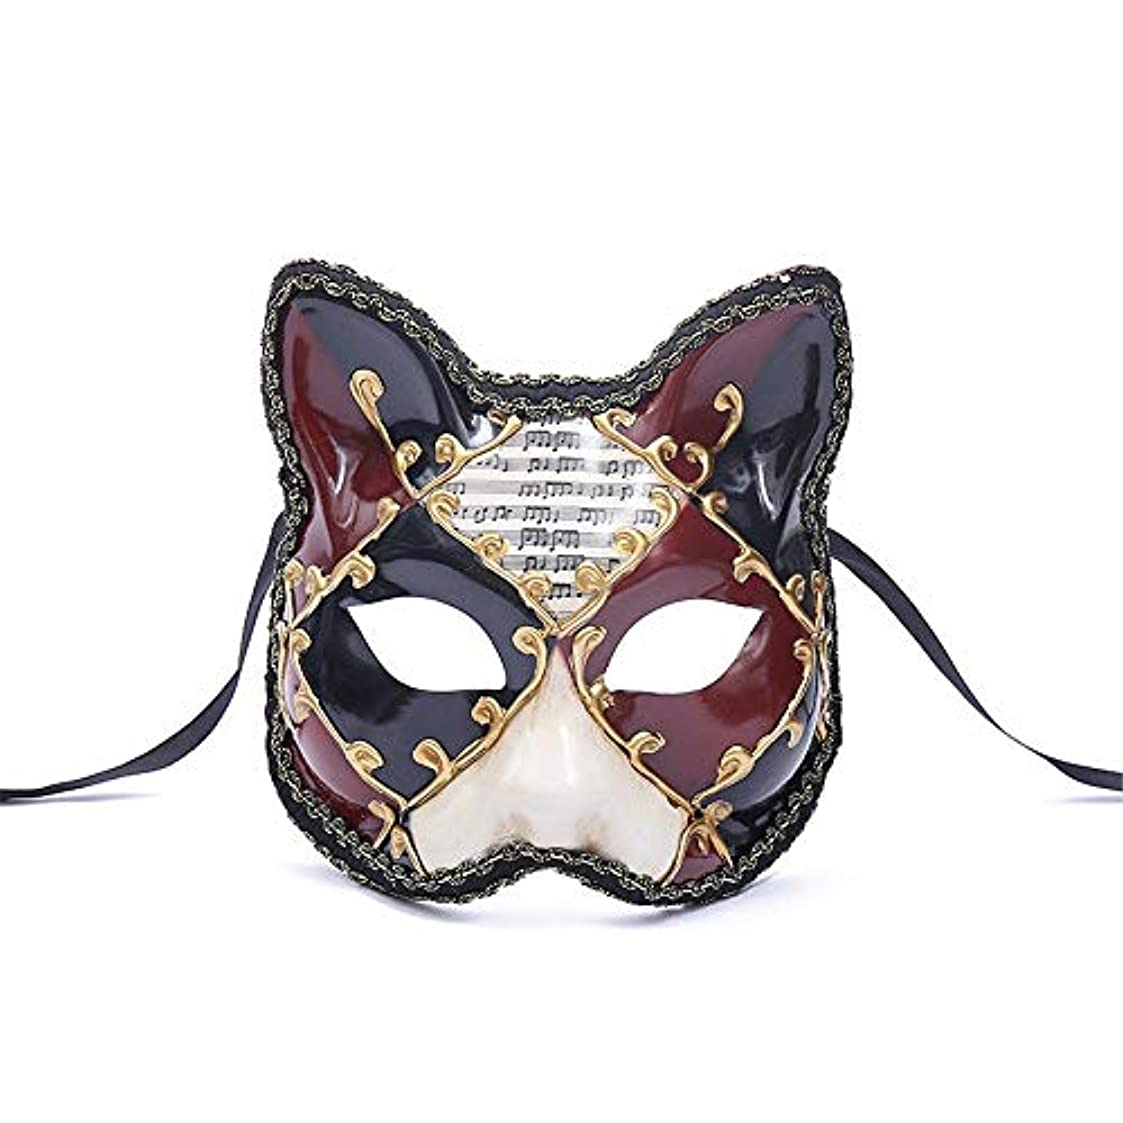 不誠実残高ダンスダンスマスク 大きな猫アンティーク動物レトロコスプレハロウィーン仮装マスクナイトクラブマスク雰囲気フェスティバルマスク パーティーボールマスク (色 : 赤, サイズ : 17.5x16cm)